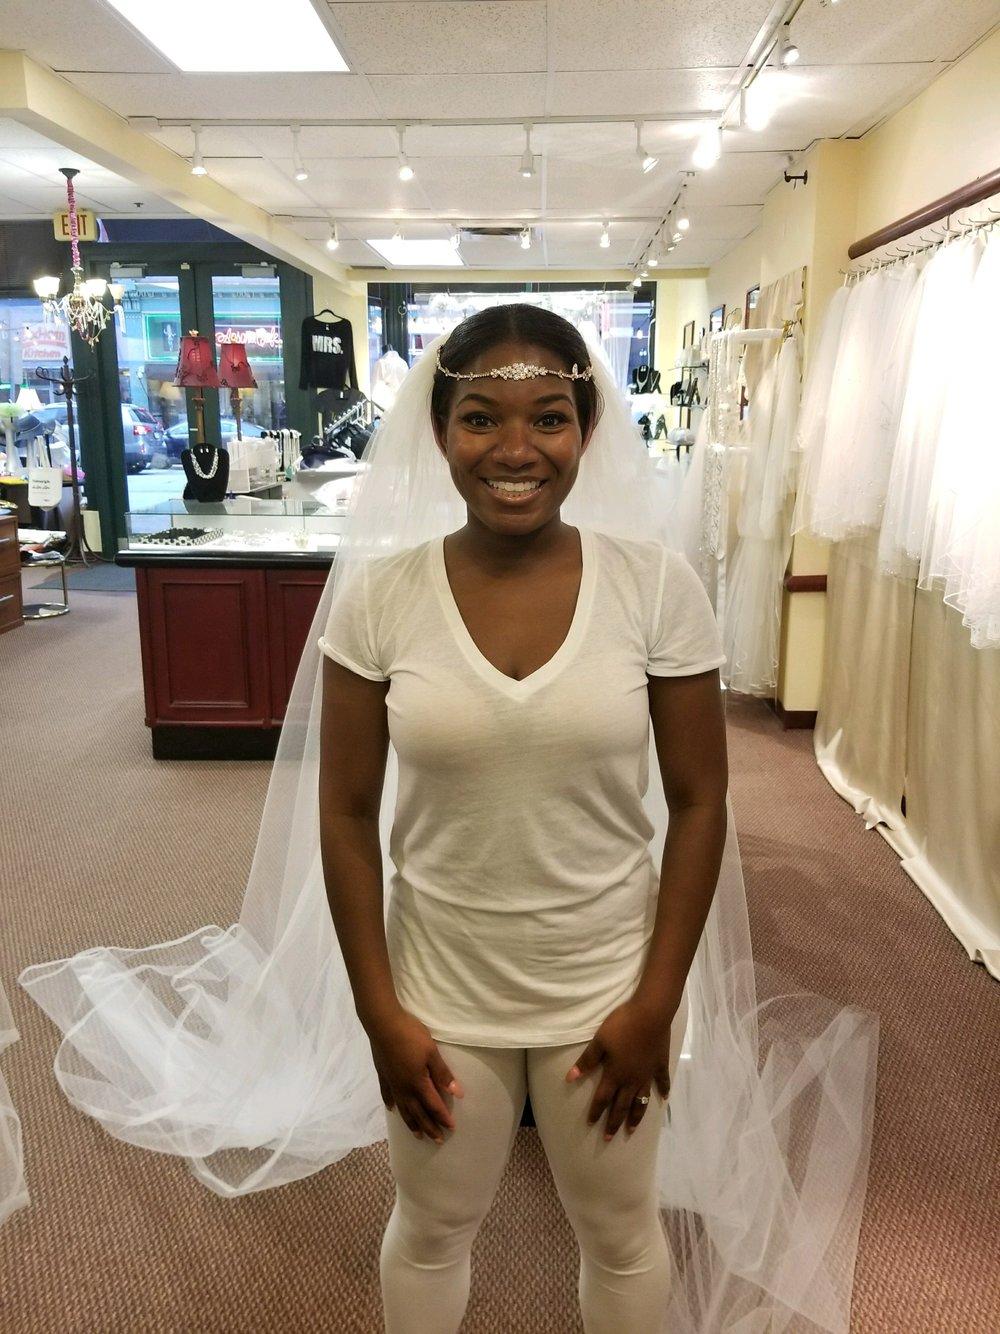 Black Destination Bride - BlackDesti Wedding Journal - Bridefriends Podcast -16 Headpiece 2 veils yes 8.JPG